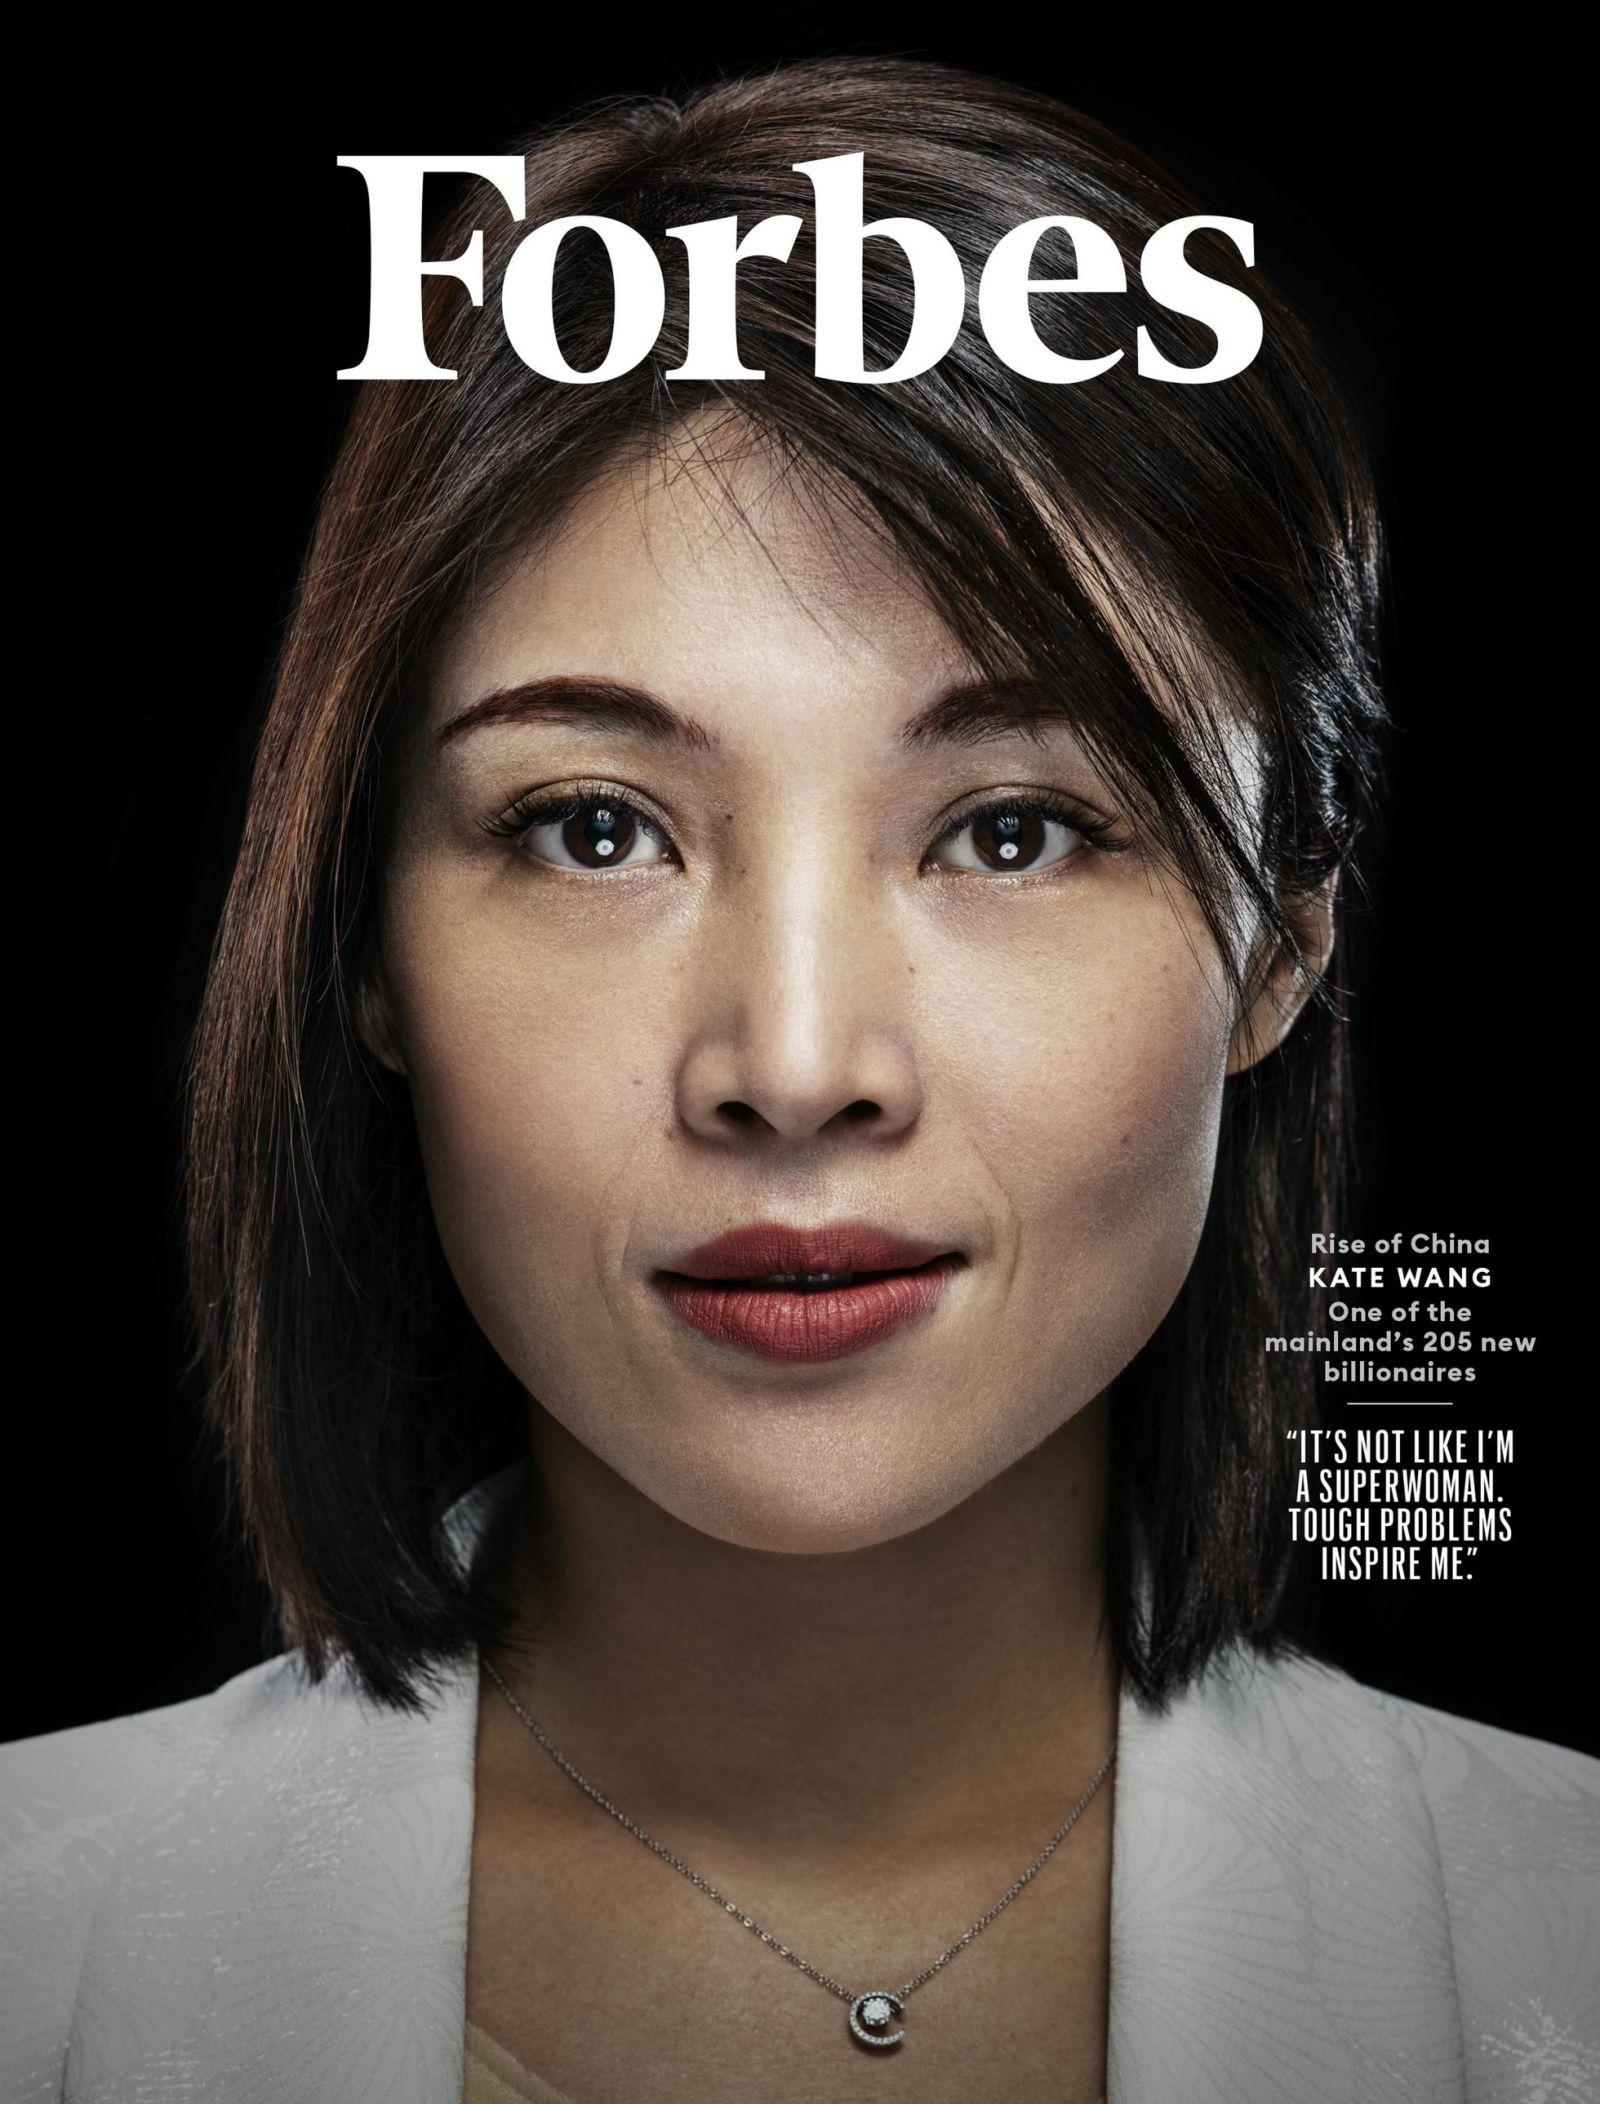 Tỷ phú Kate Wang xuất hiện trên Tạp chí Forbes của Mỹ